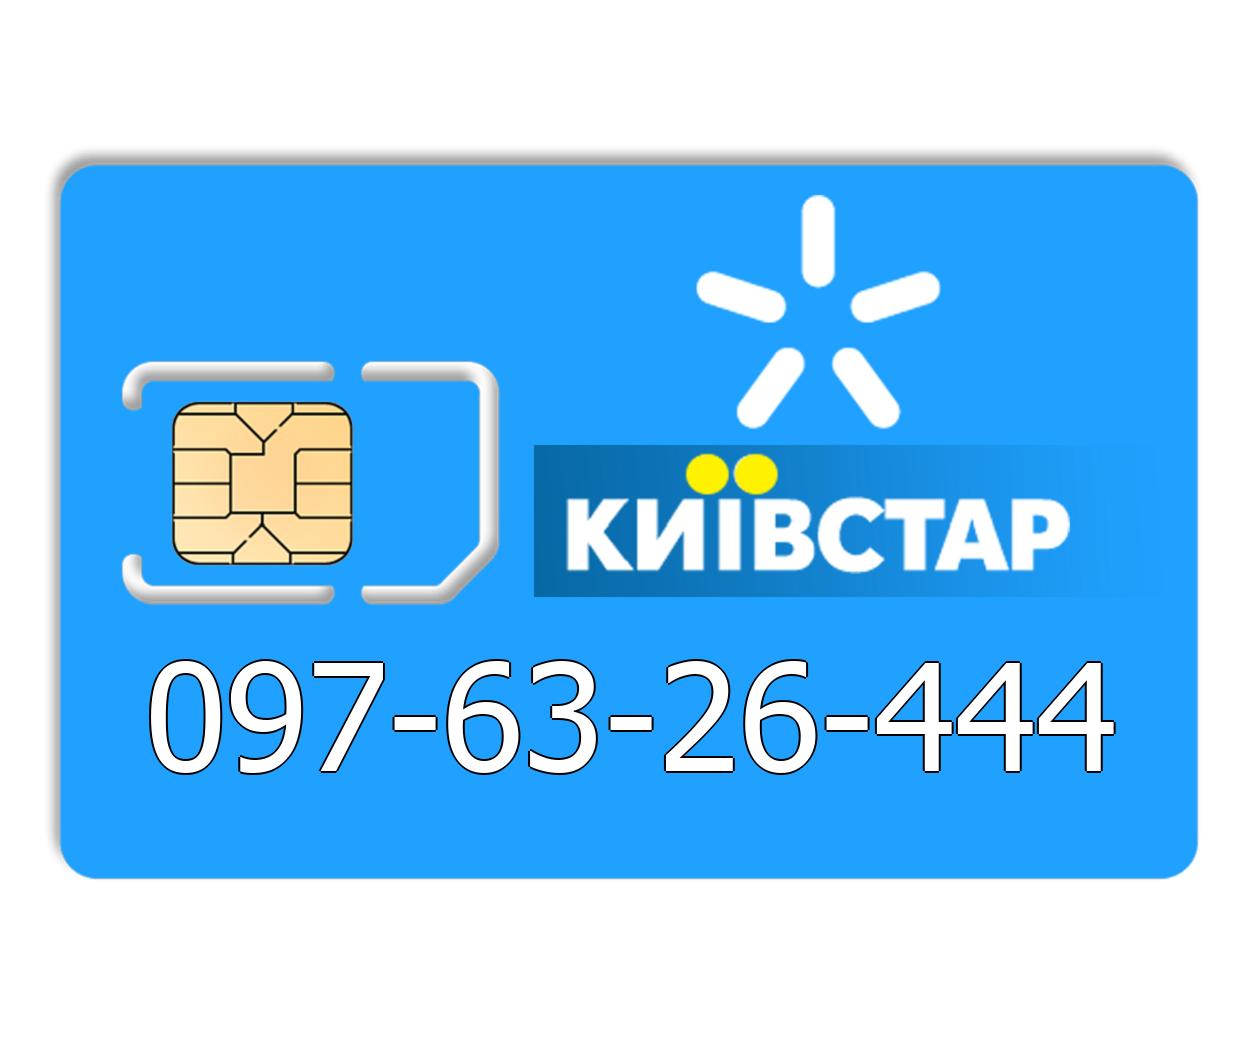 Красивый номер Киевстар 097-63-26-444